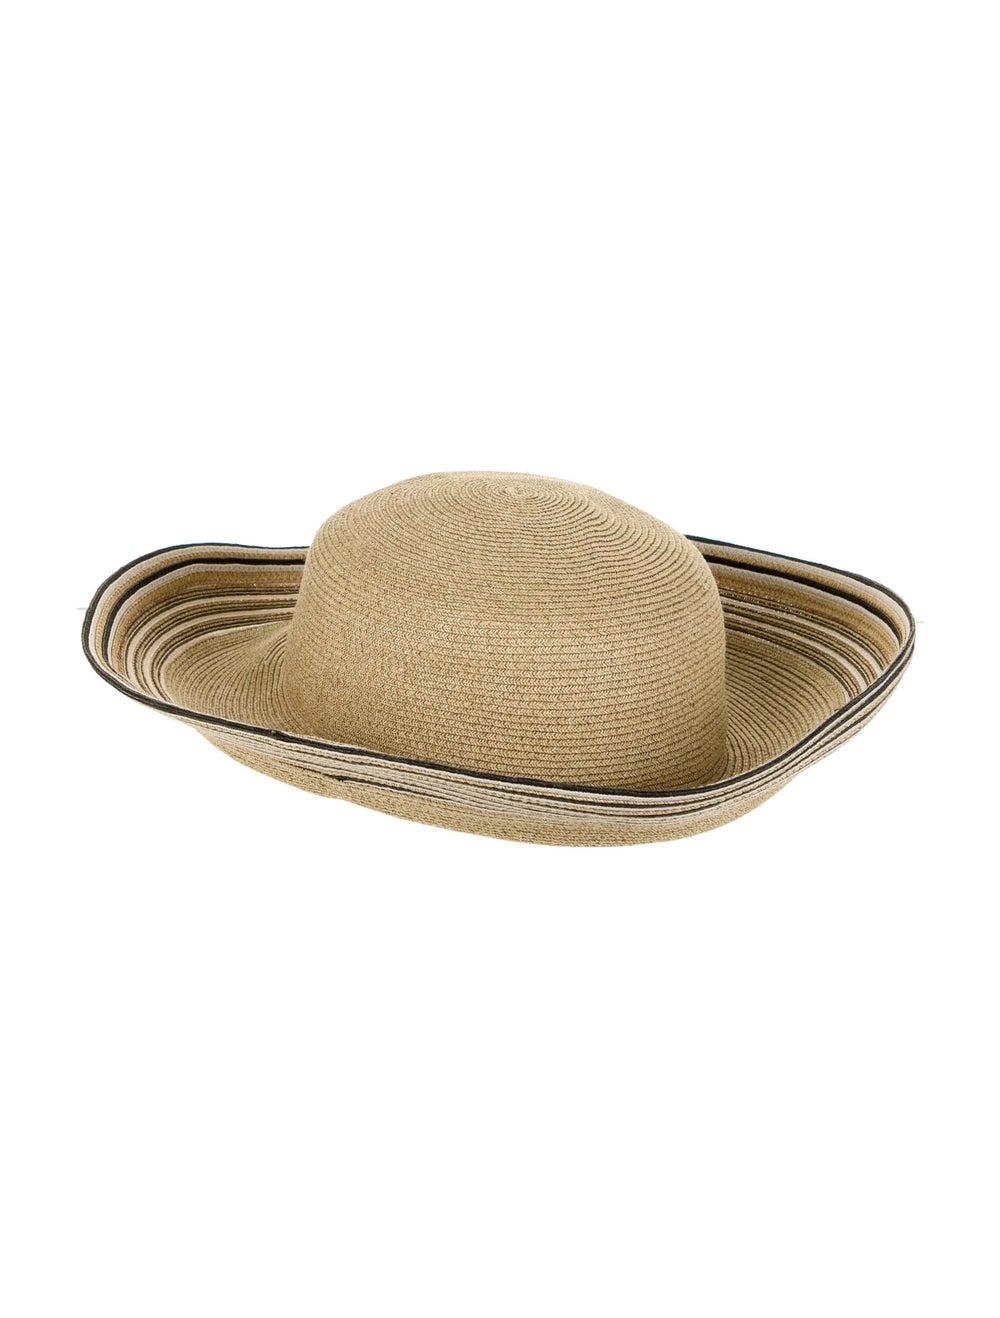 Eric Javits Straw Wide Brim Hat Beige - image 2